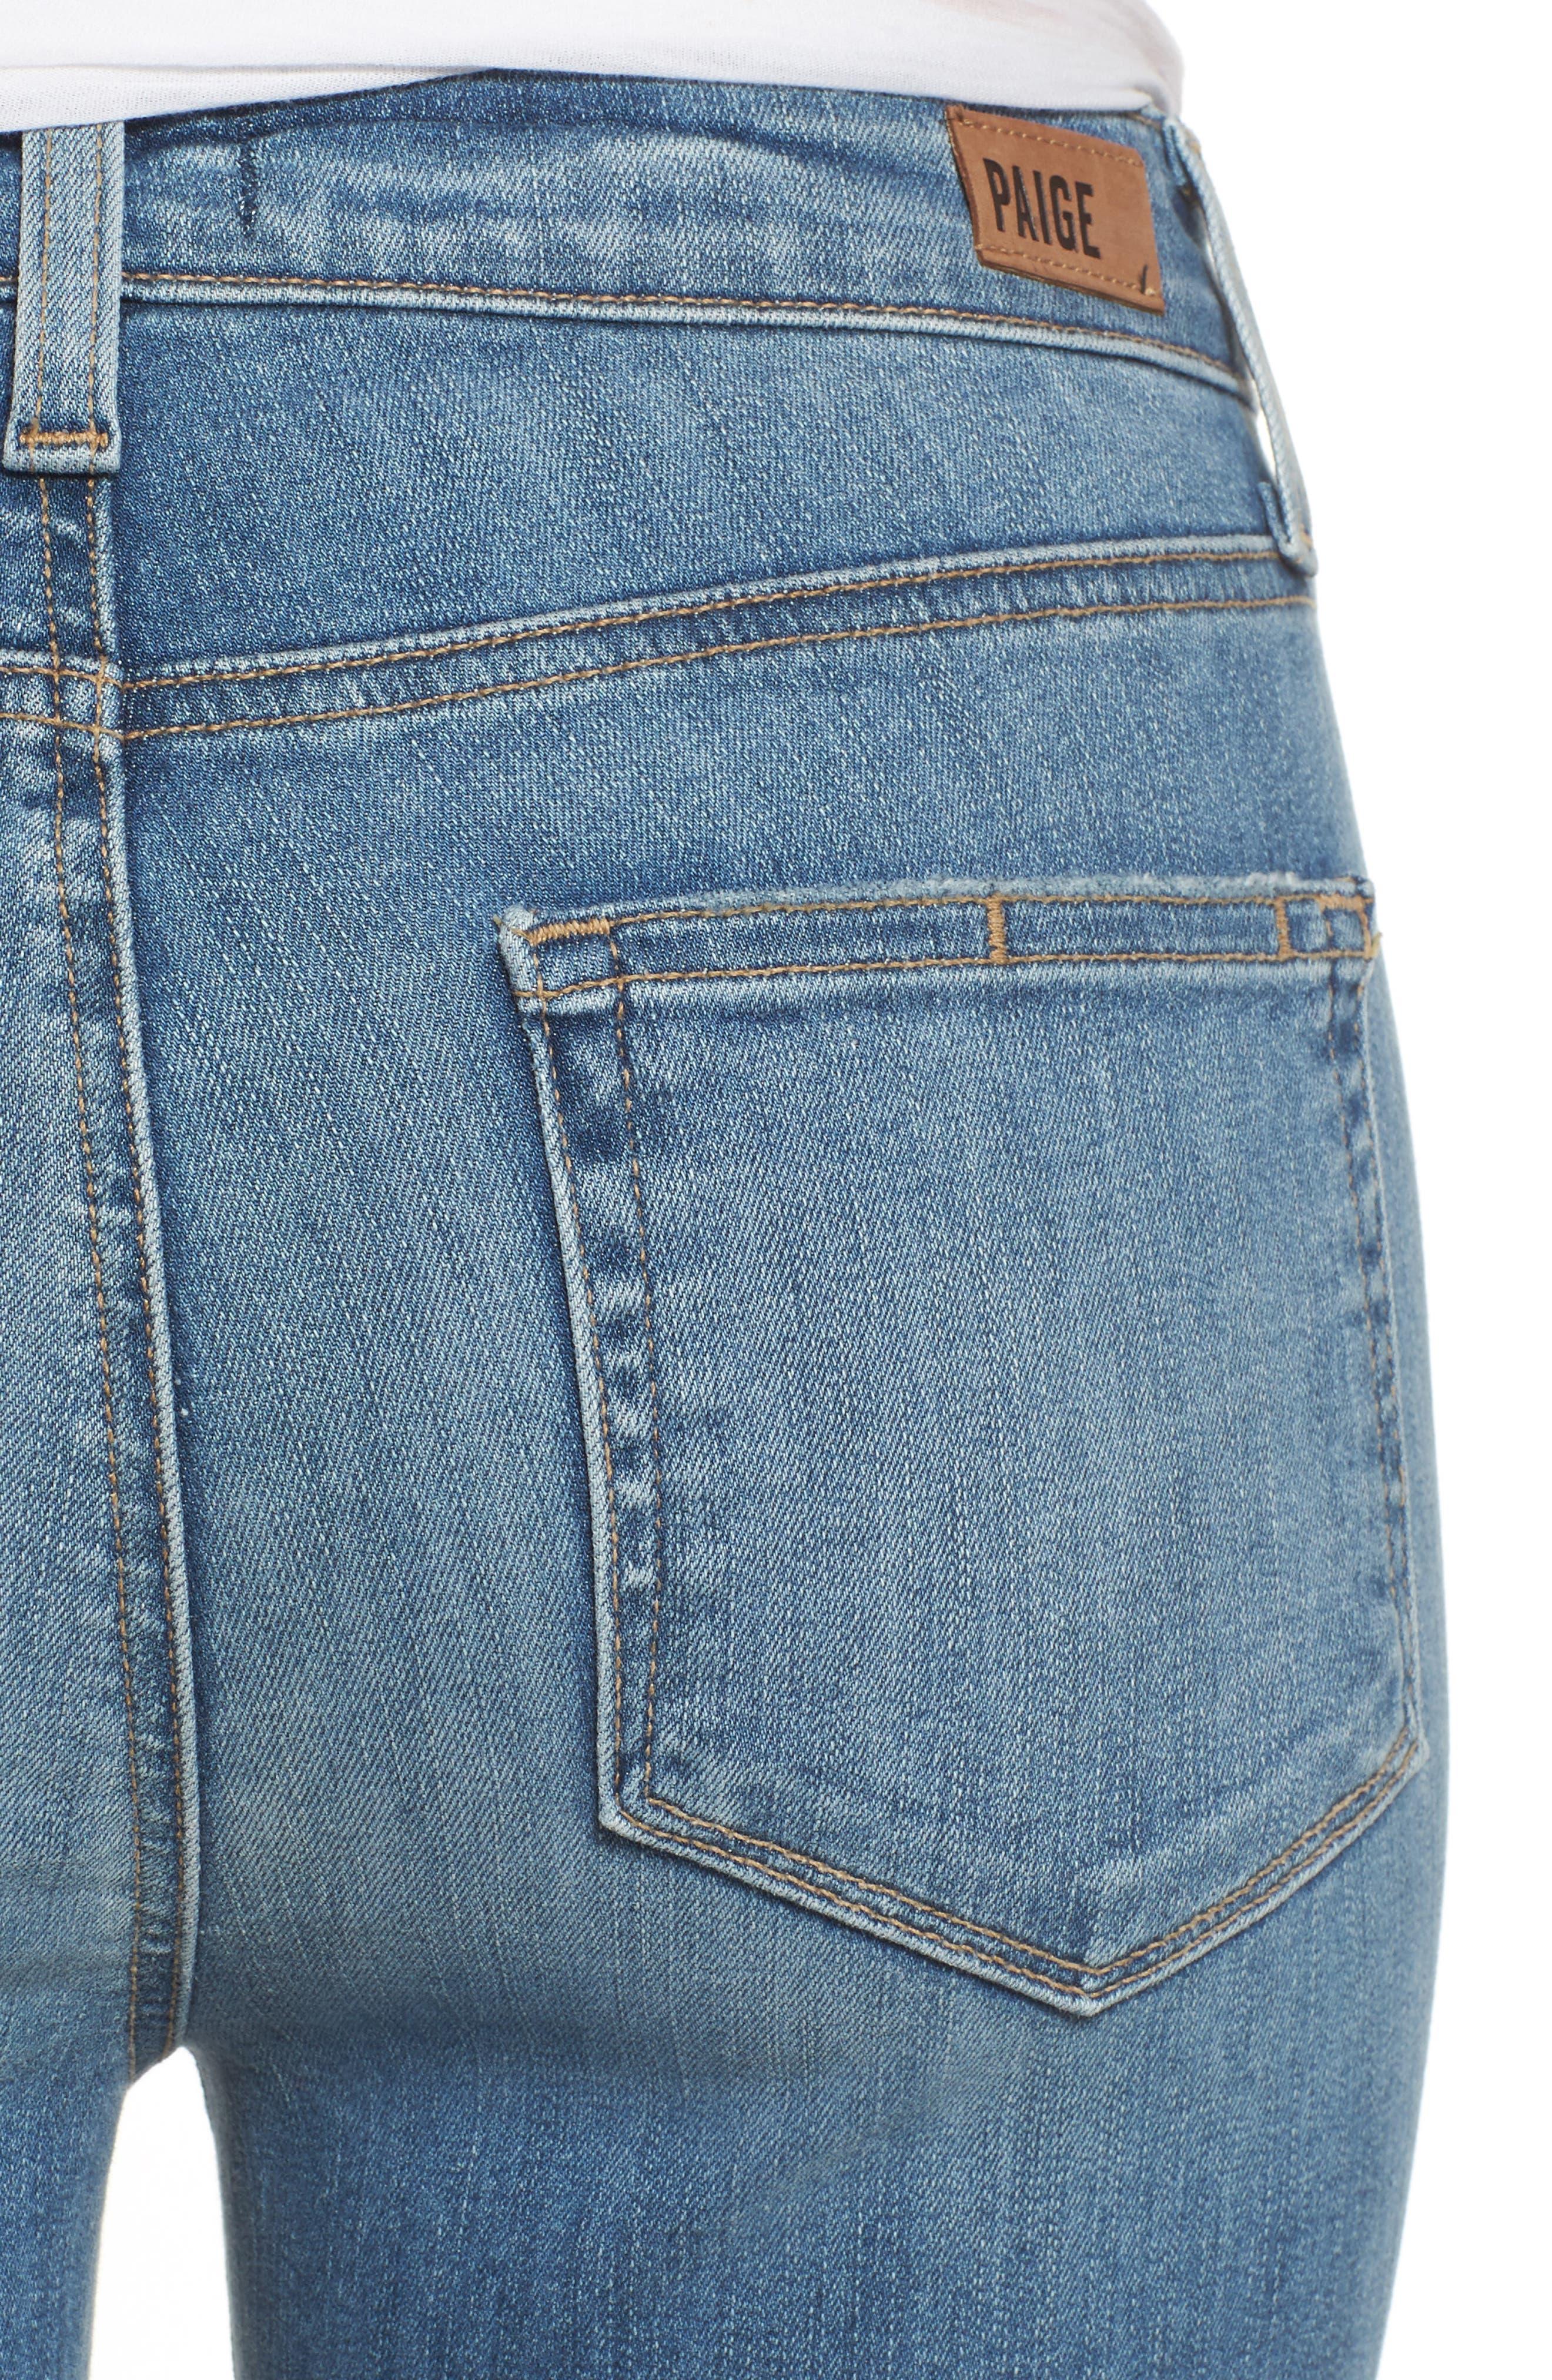 Transcend Vintage - Hoxton High Waist Crop Jeans,                             Alternate thumbnail 5, color,                             400